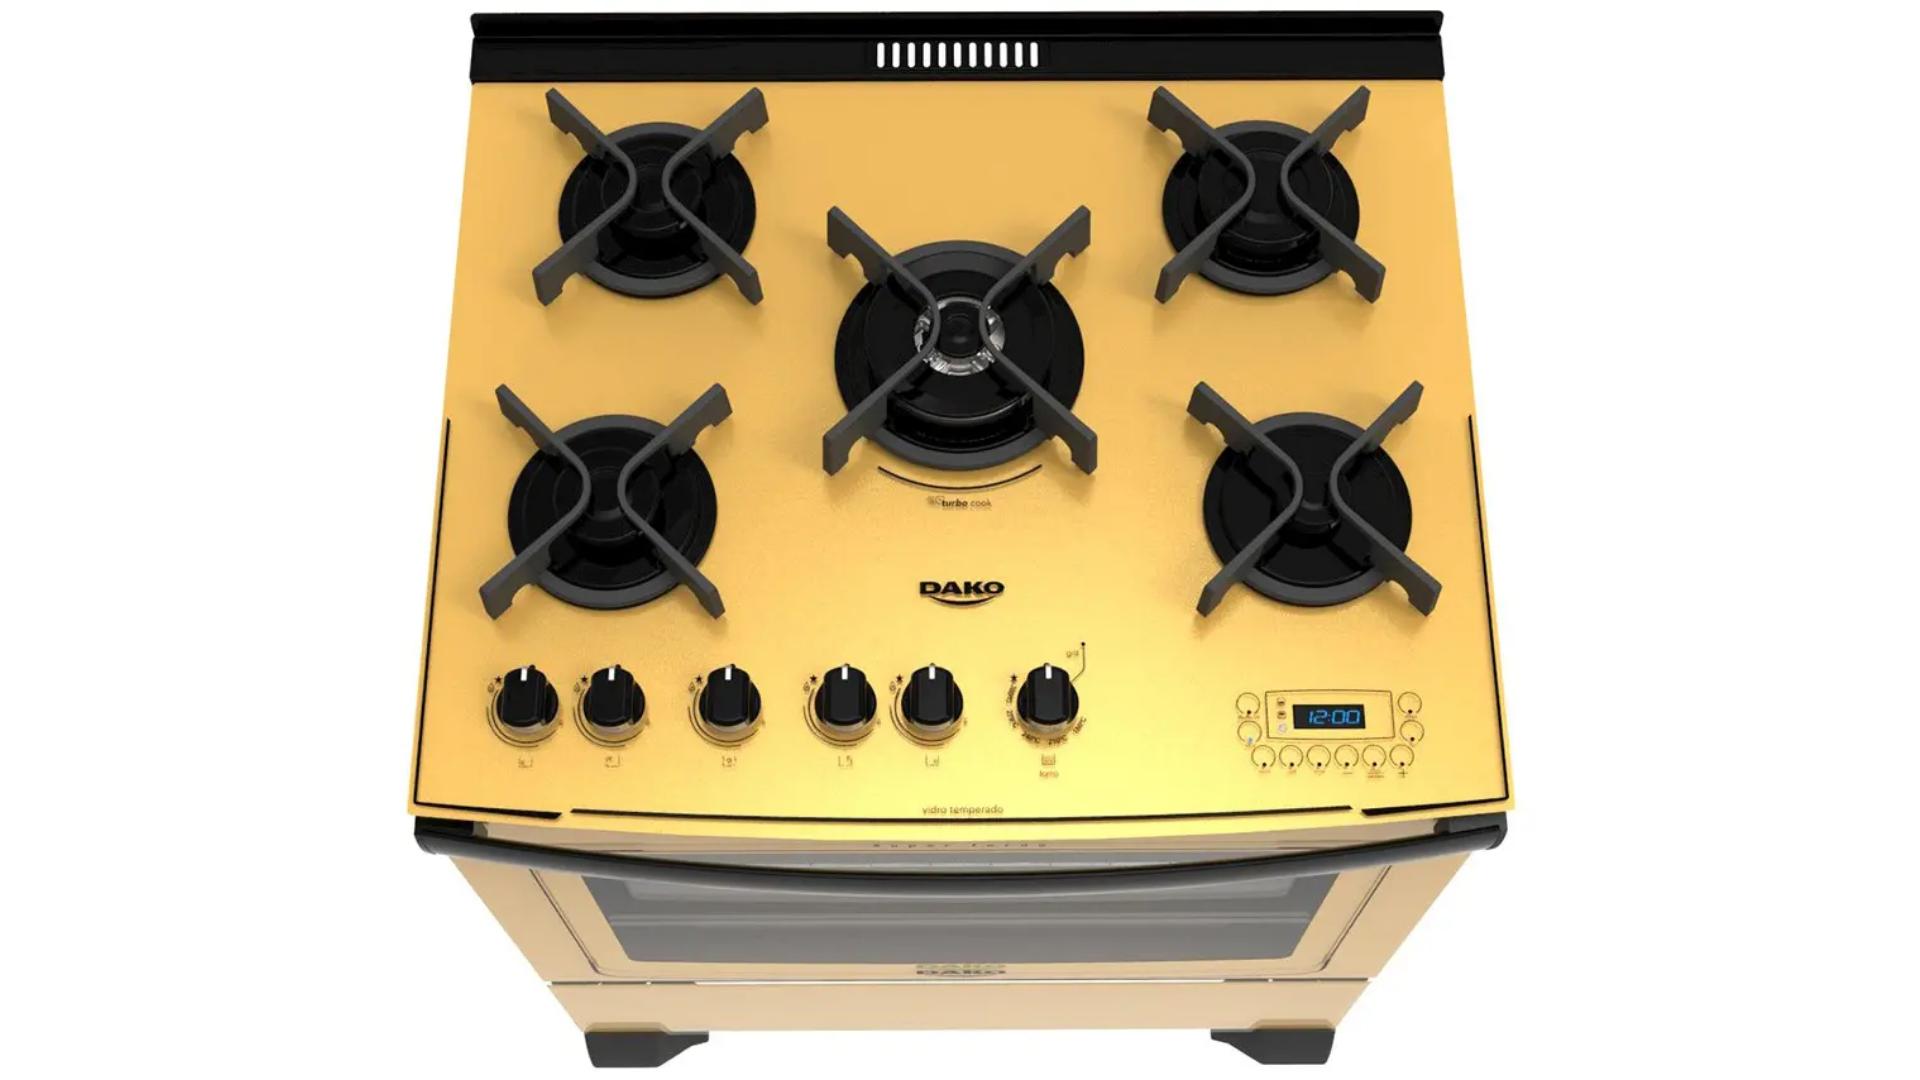 Confira os melhores modelos de fogão da Dako! (Imagem: Divulgação/Dako)